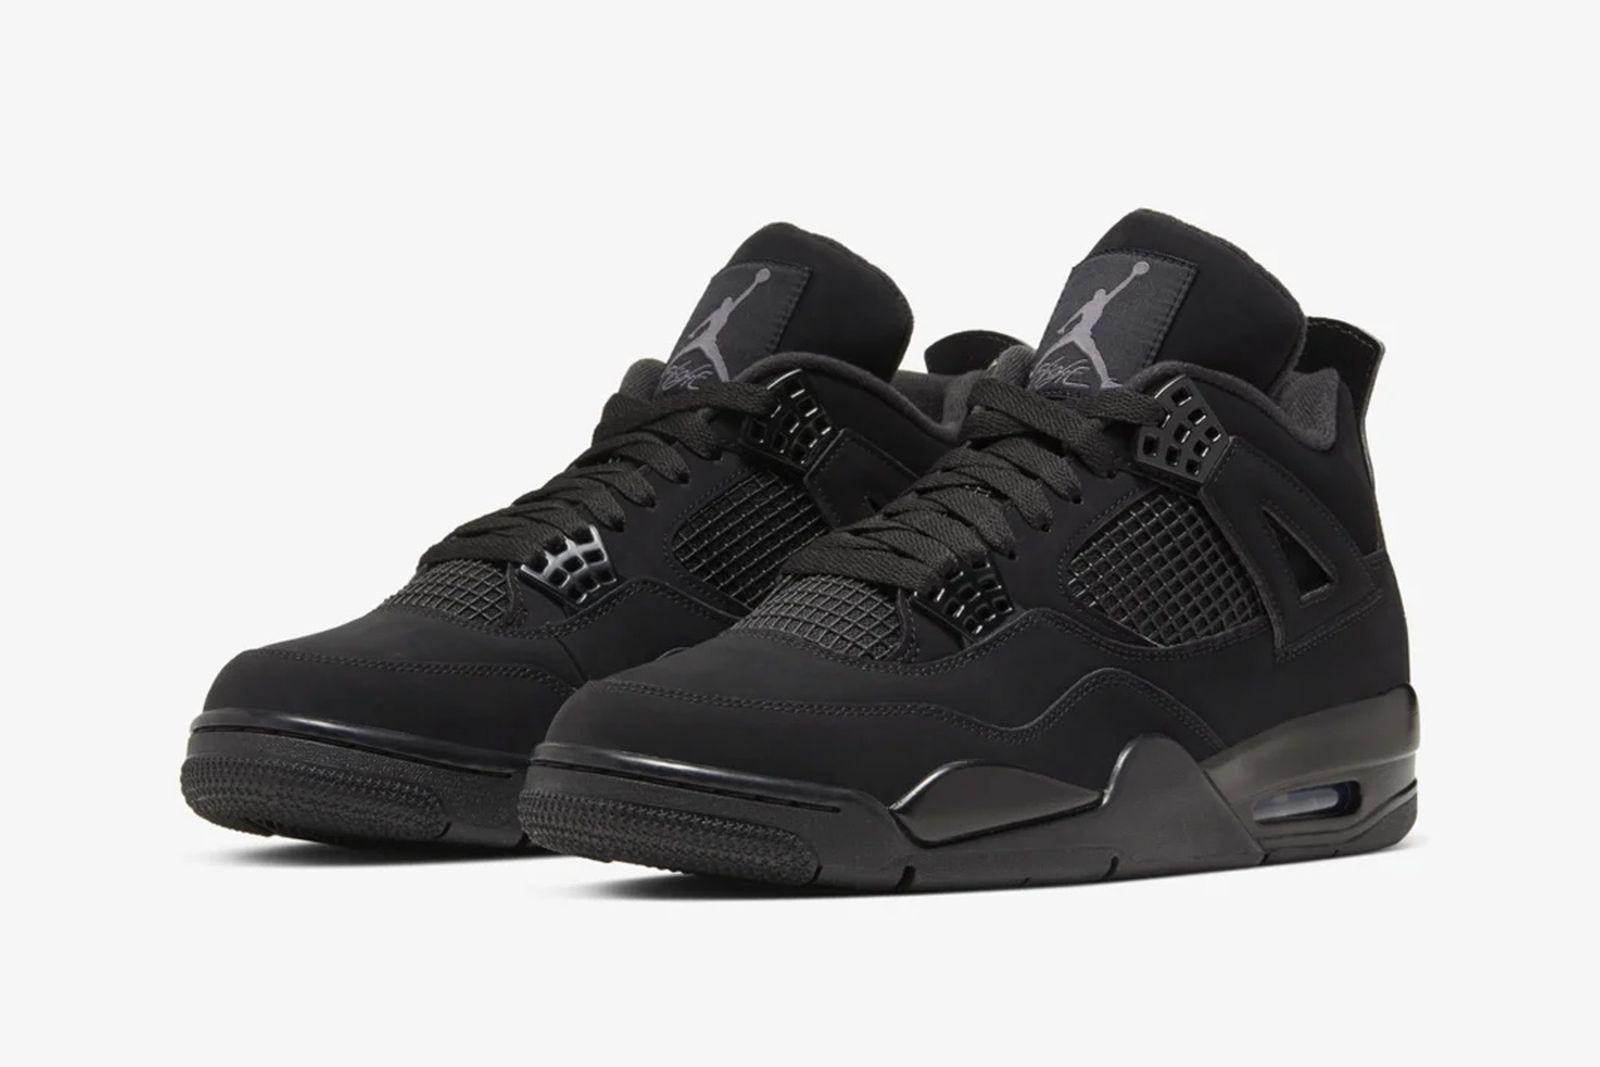 nike-air-jordan-4-black-cat-release-date-price-official-06